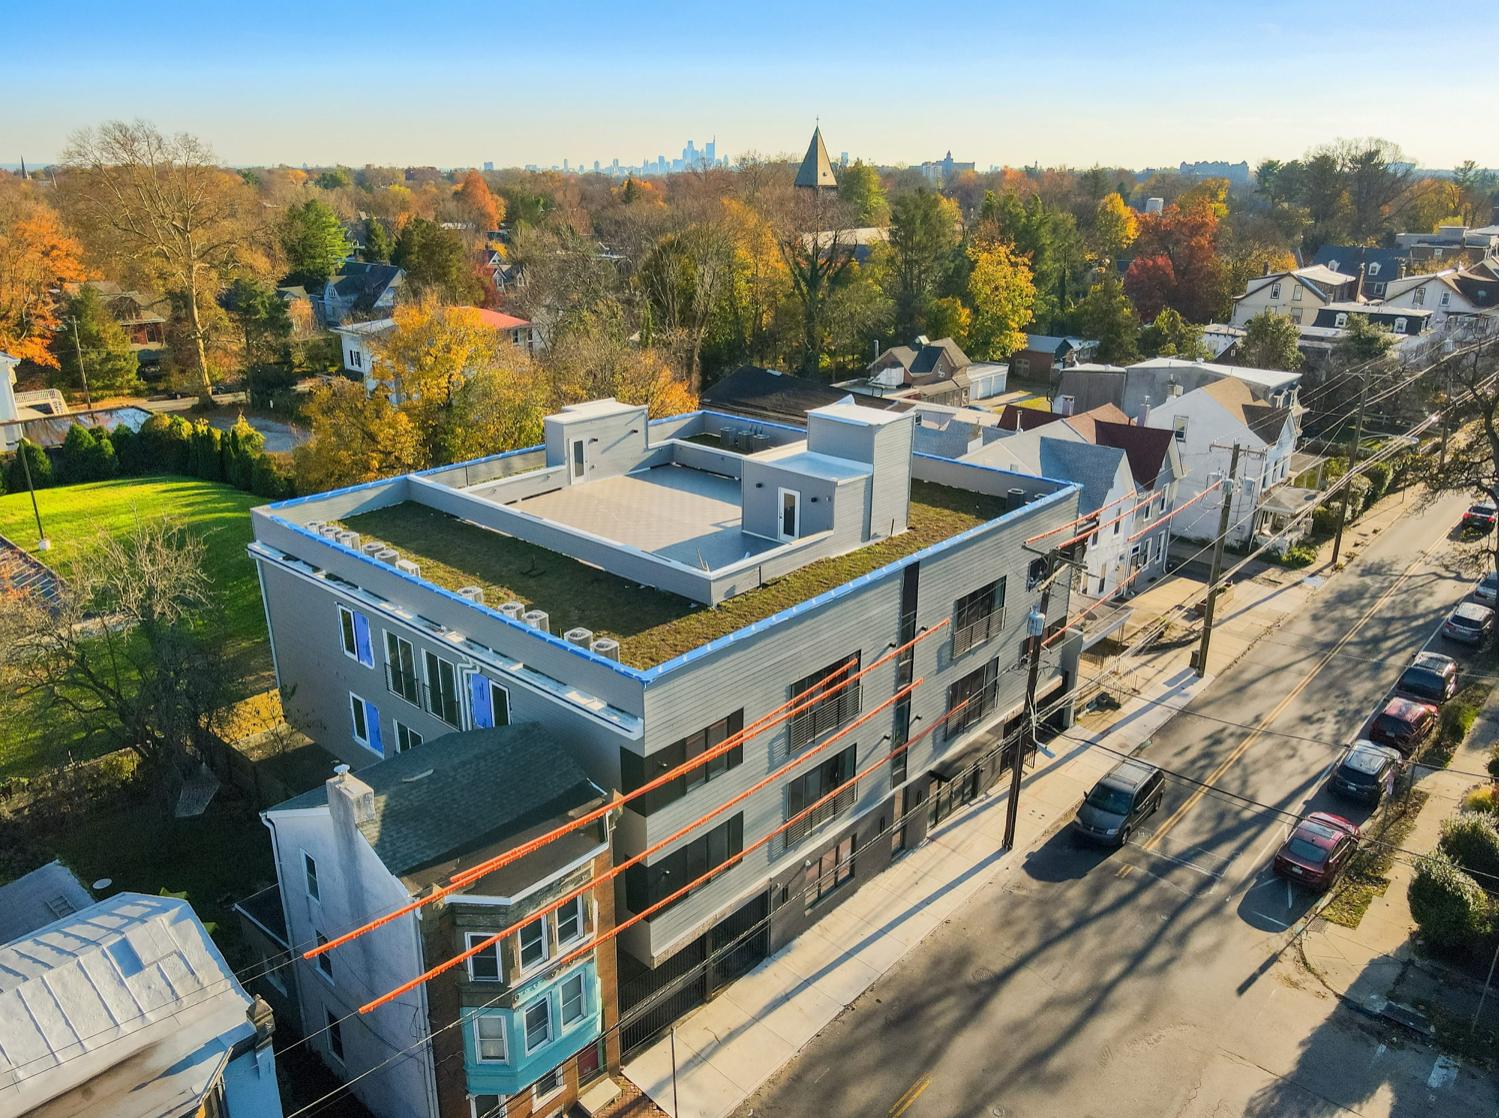 Washington Court at 52-60 West Washington Lane via Tester Construction.